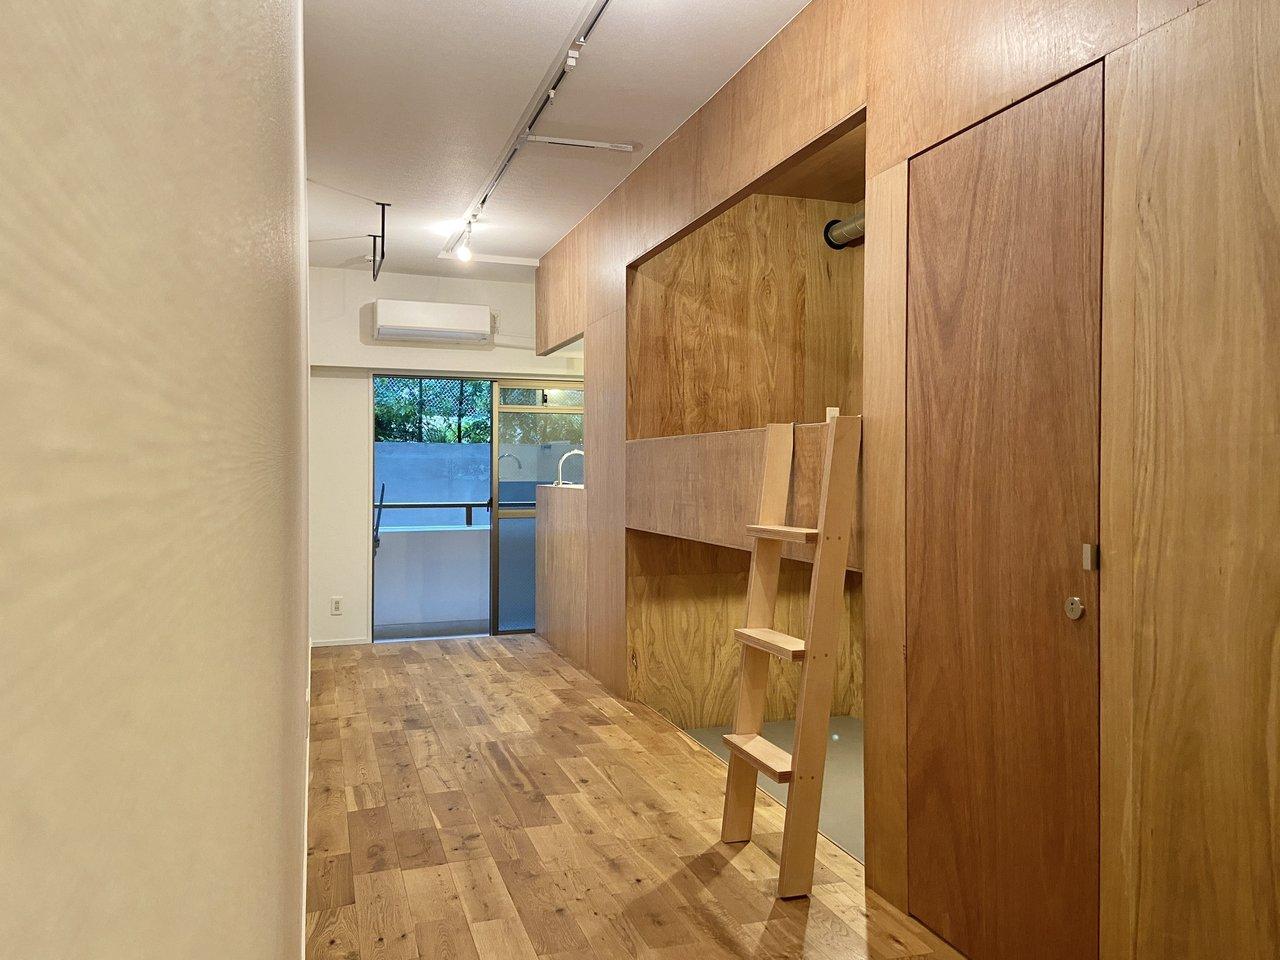 グッドデザイン賞受賞!共有キッチンや屋上も魅力的な、成増のリノベーションワンルームをご紹介します